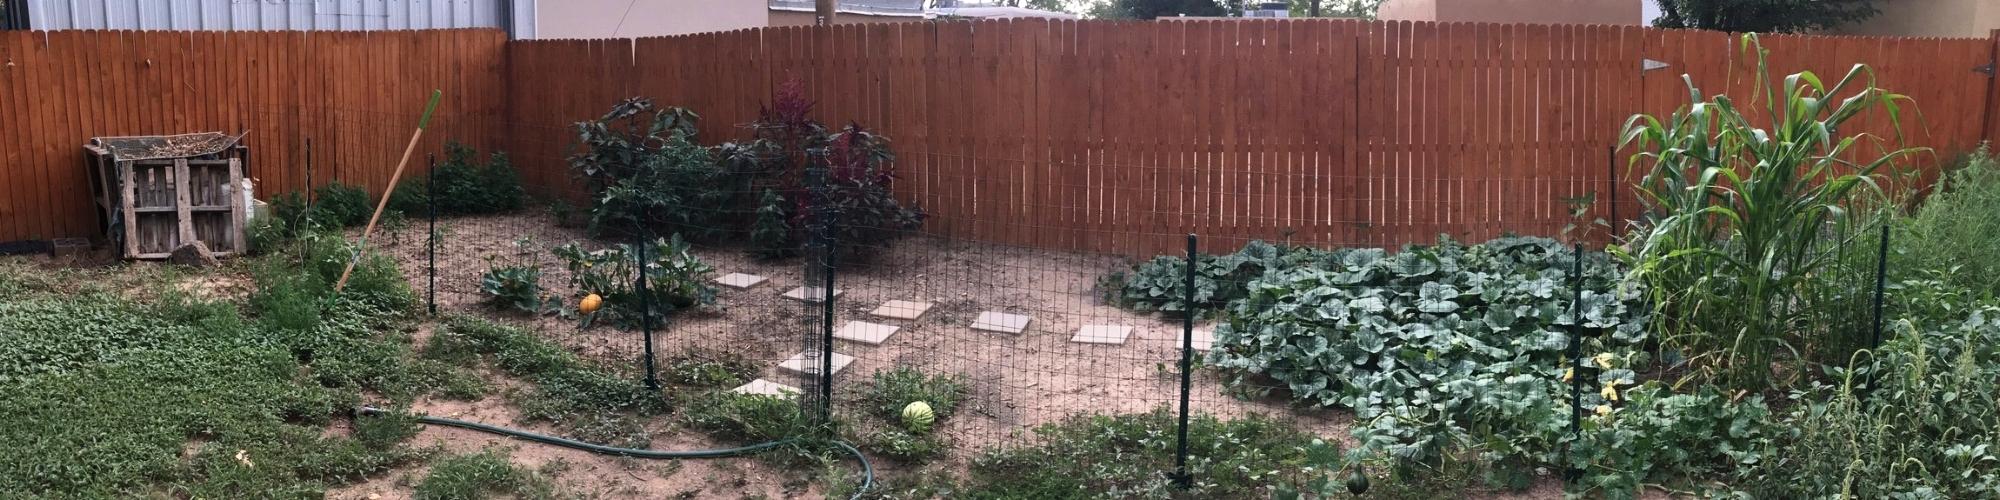 Garden growth (1).jpeg